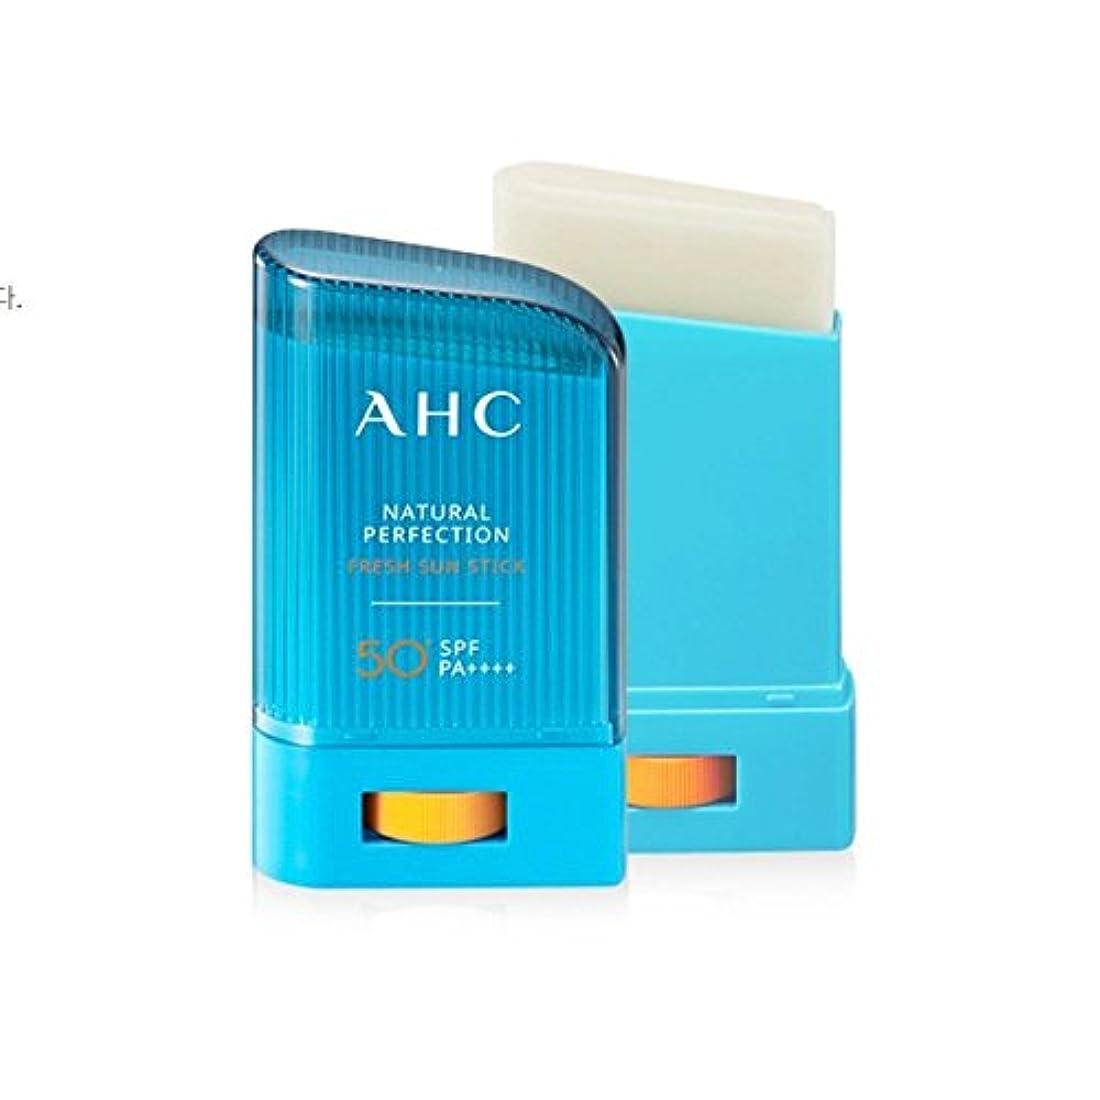 物理学者労働競争[1+1] AHC Natural Perfection Fresh Sun Stick ナチュラルパーフェクションフレッシュサンスティック 22g * 2個 [並行輸入品]